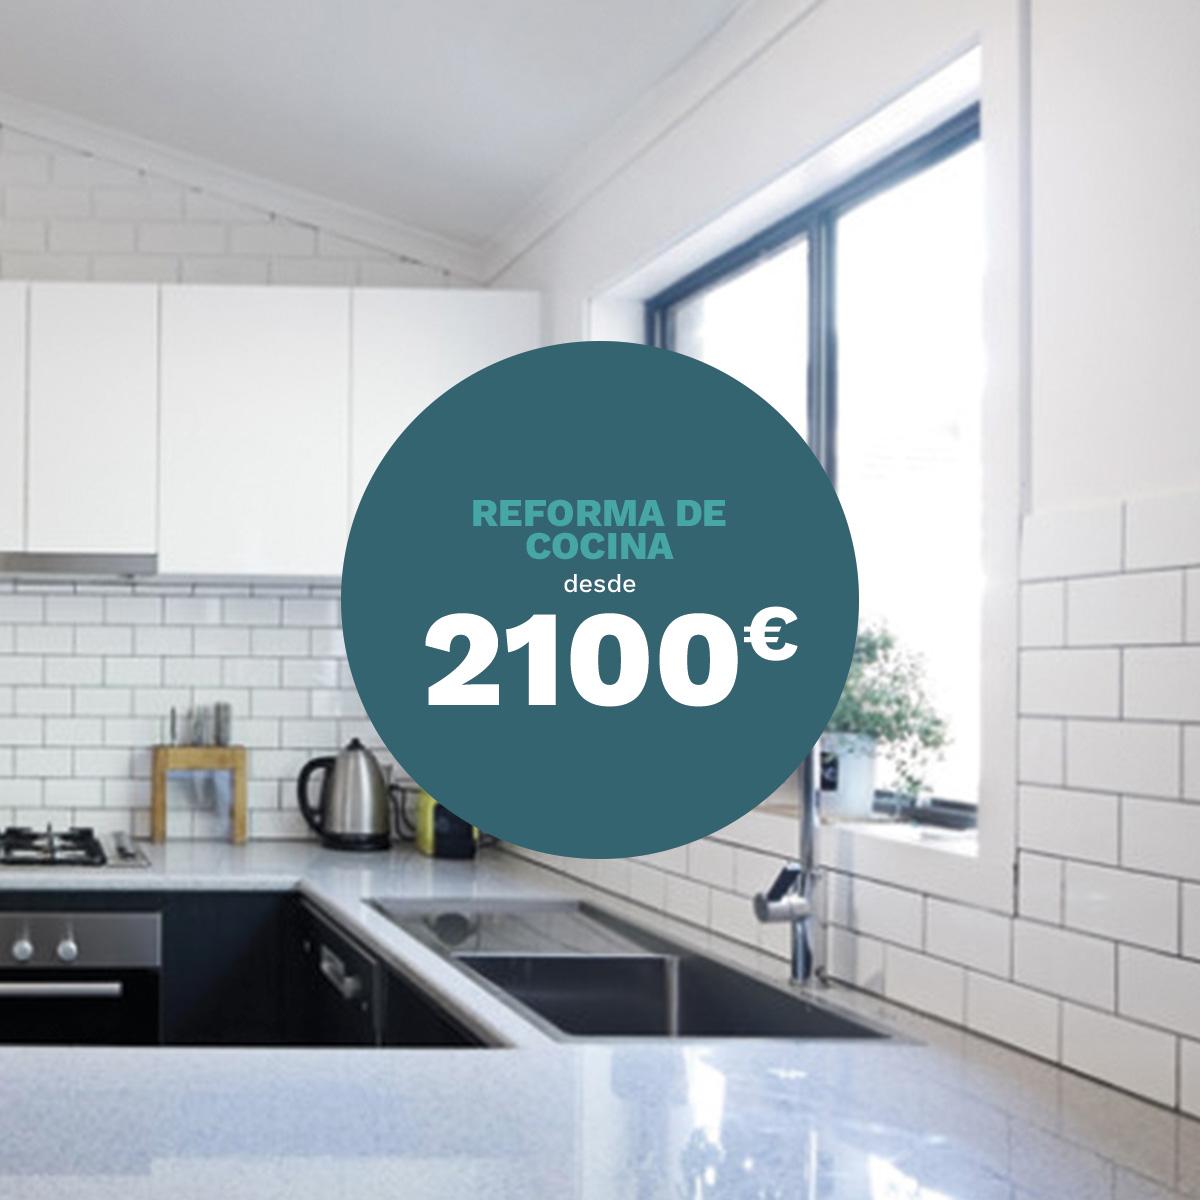 RIANJE · Construcción y reformas Murcia · Reforma barata de cocina